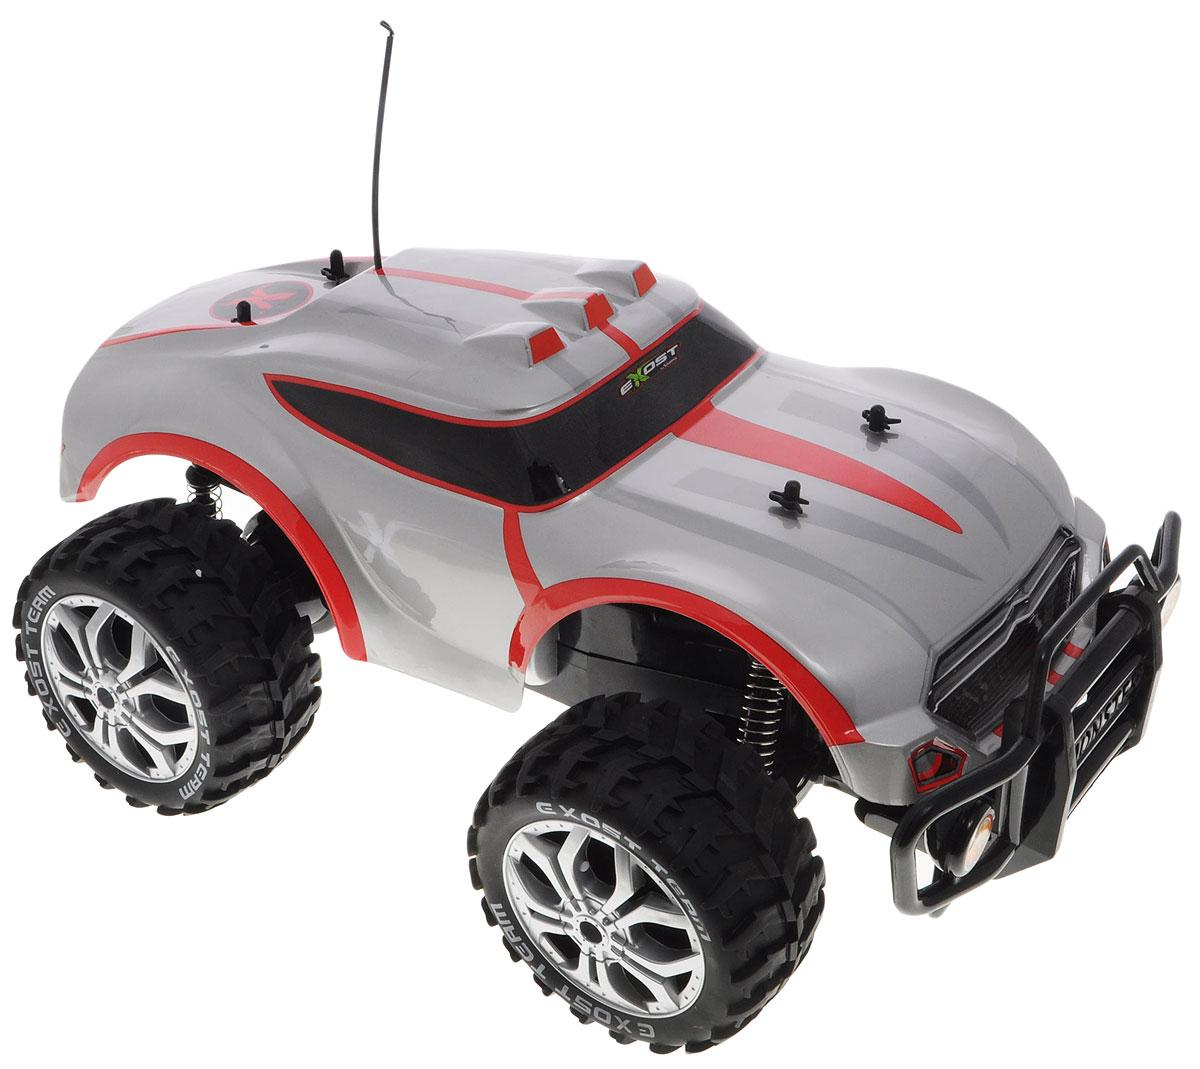 Silverlit Машина на радиоуправлении Футур Кросс цвет серый красный silverlit digibirds пингвин фигурист с кольцом серый